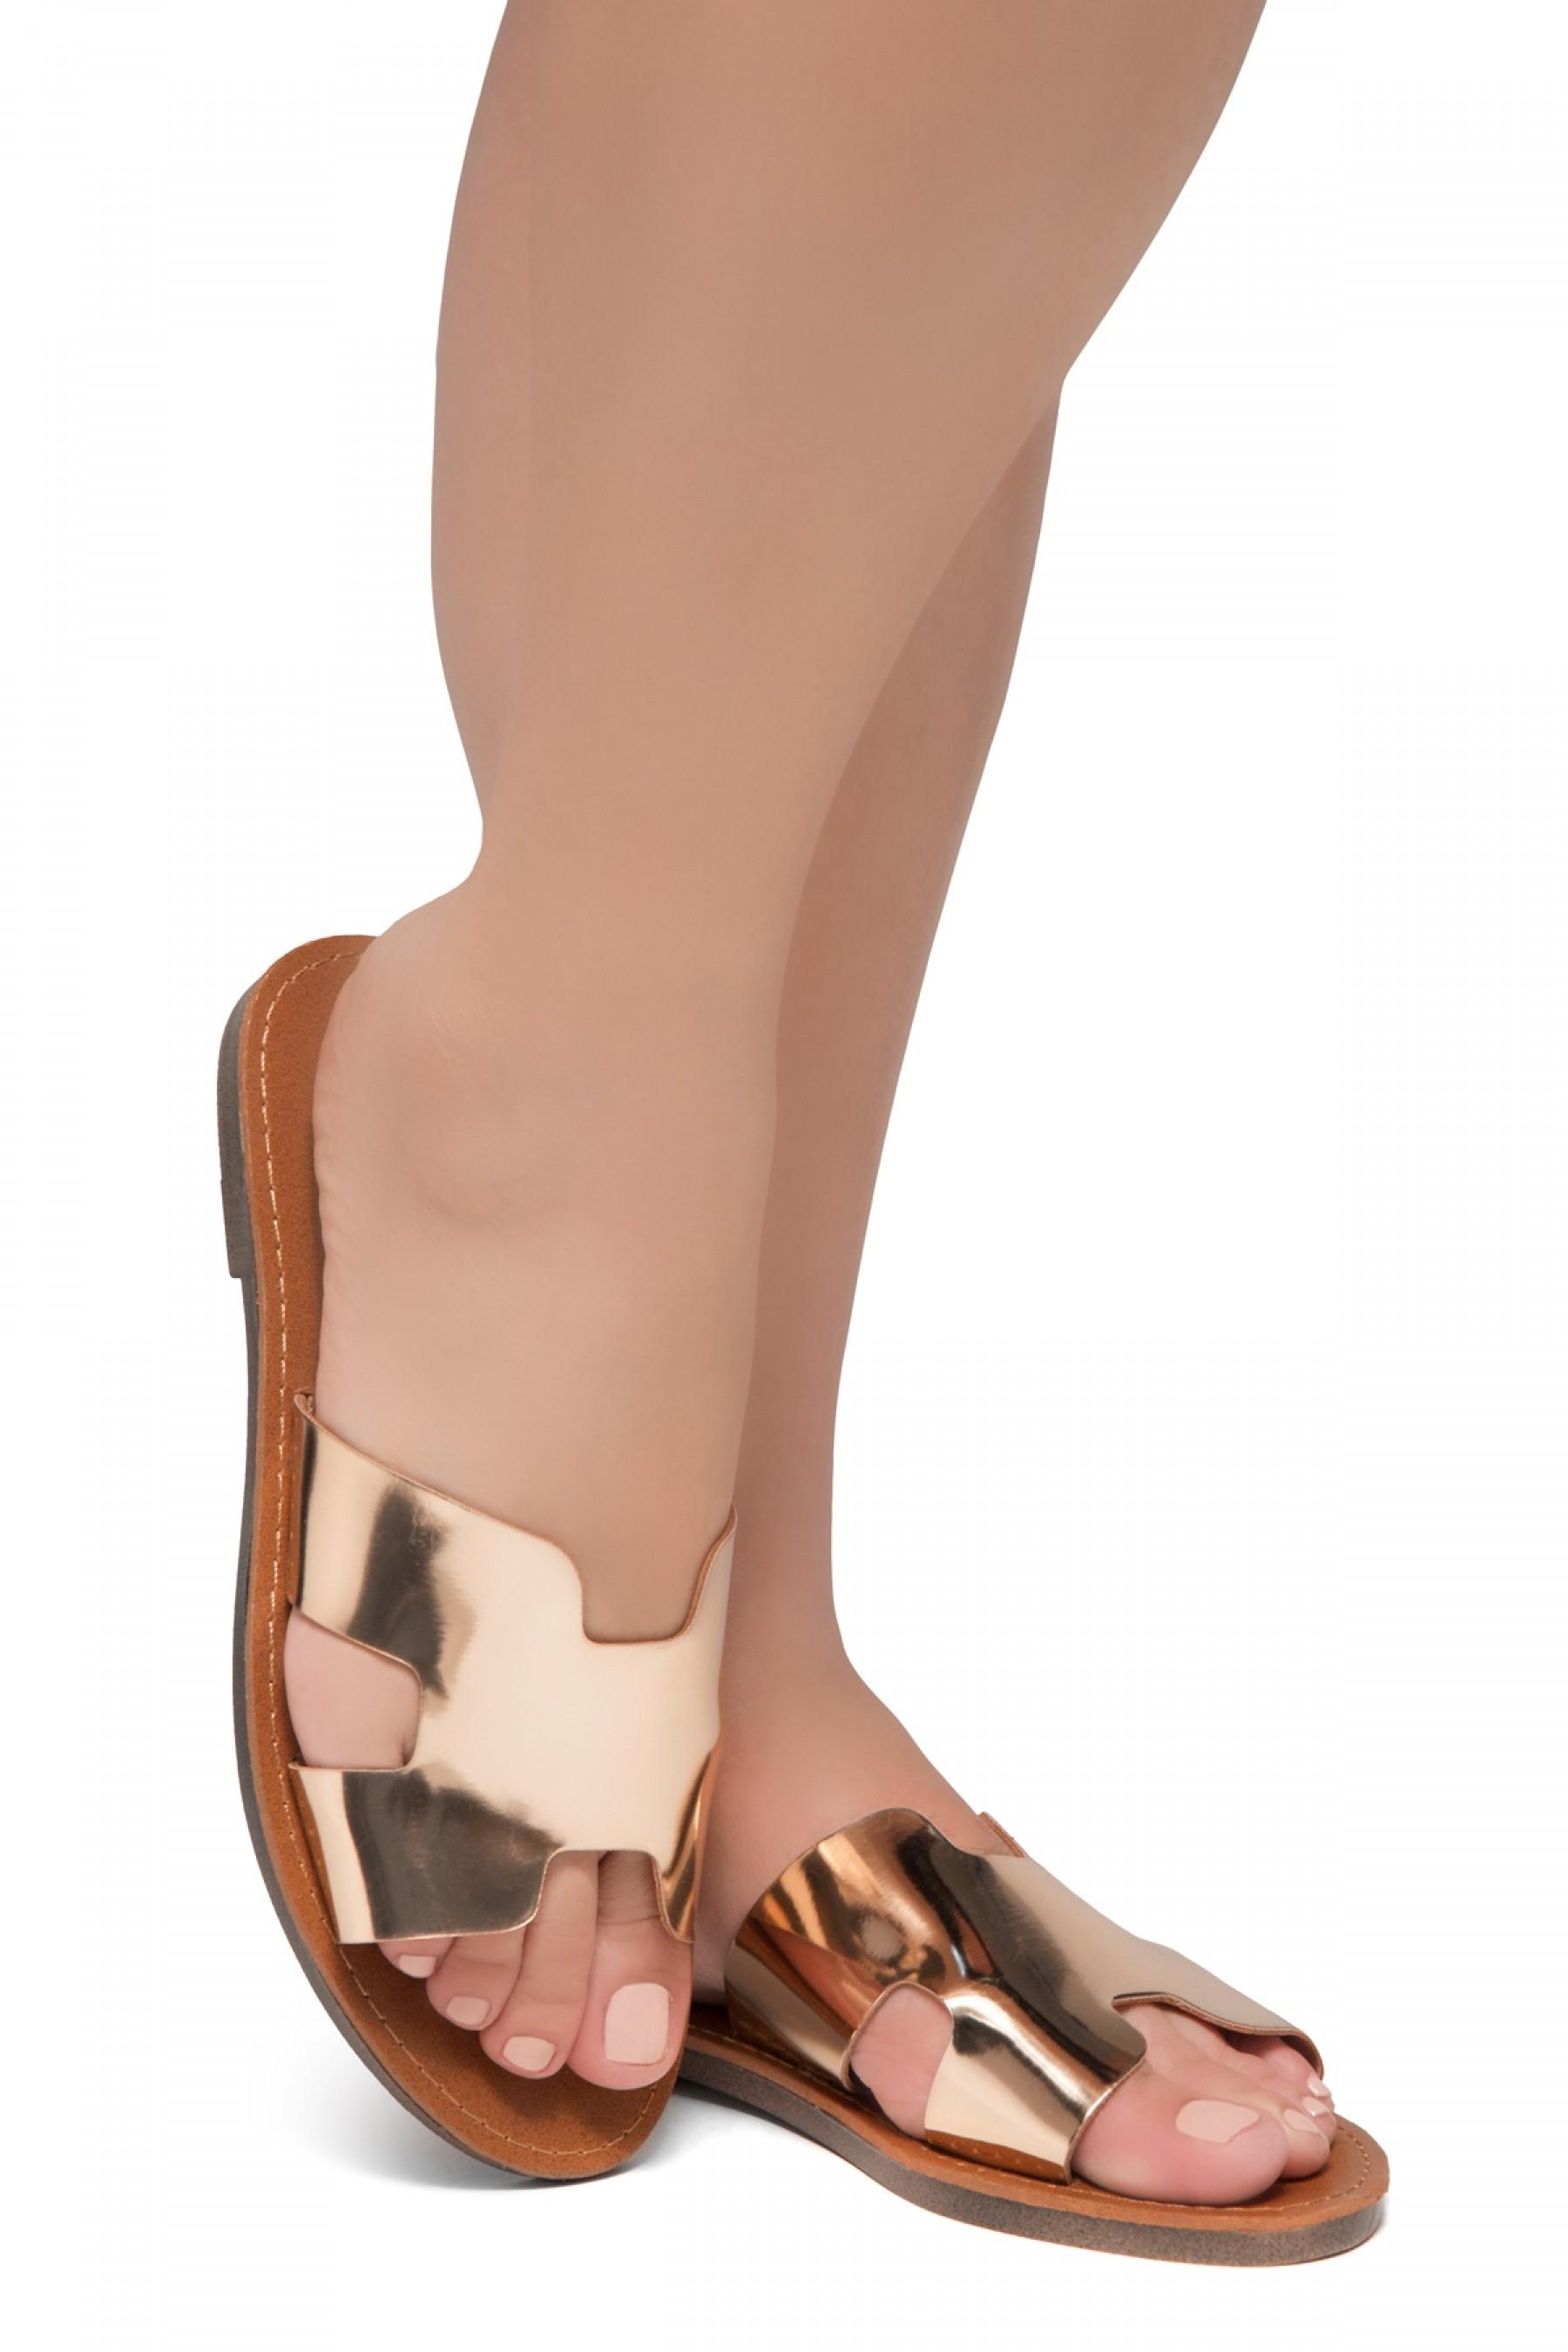 Shoe Land SL-Greece- Lightweight Flat Easy Slide-On Sandals (RoseGold)